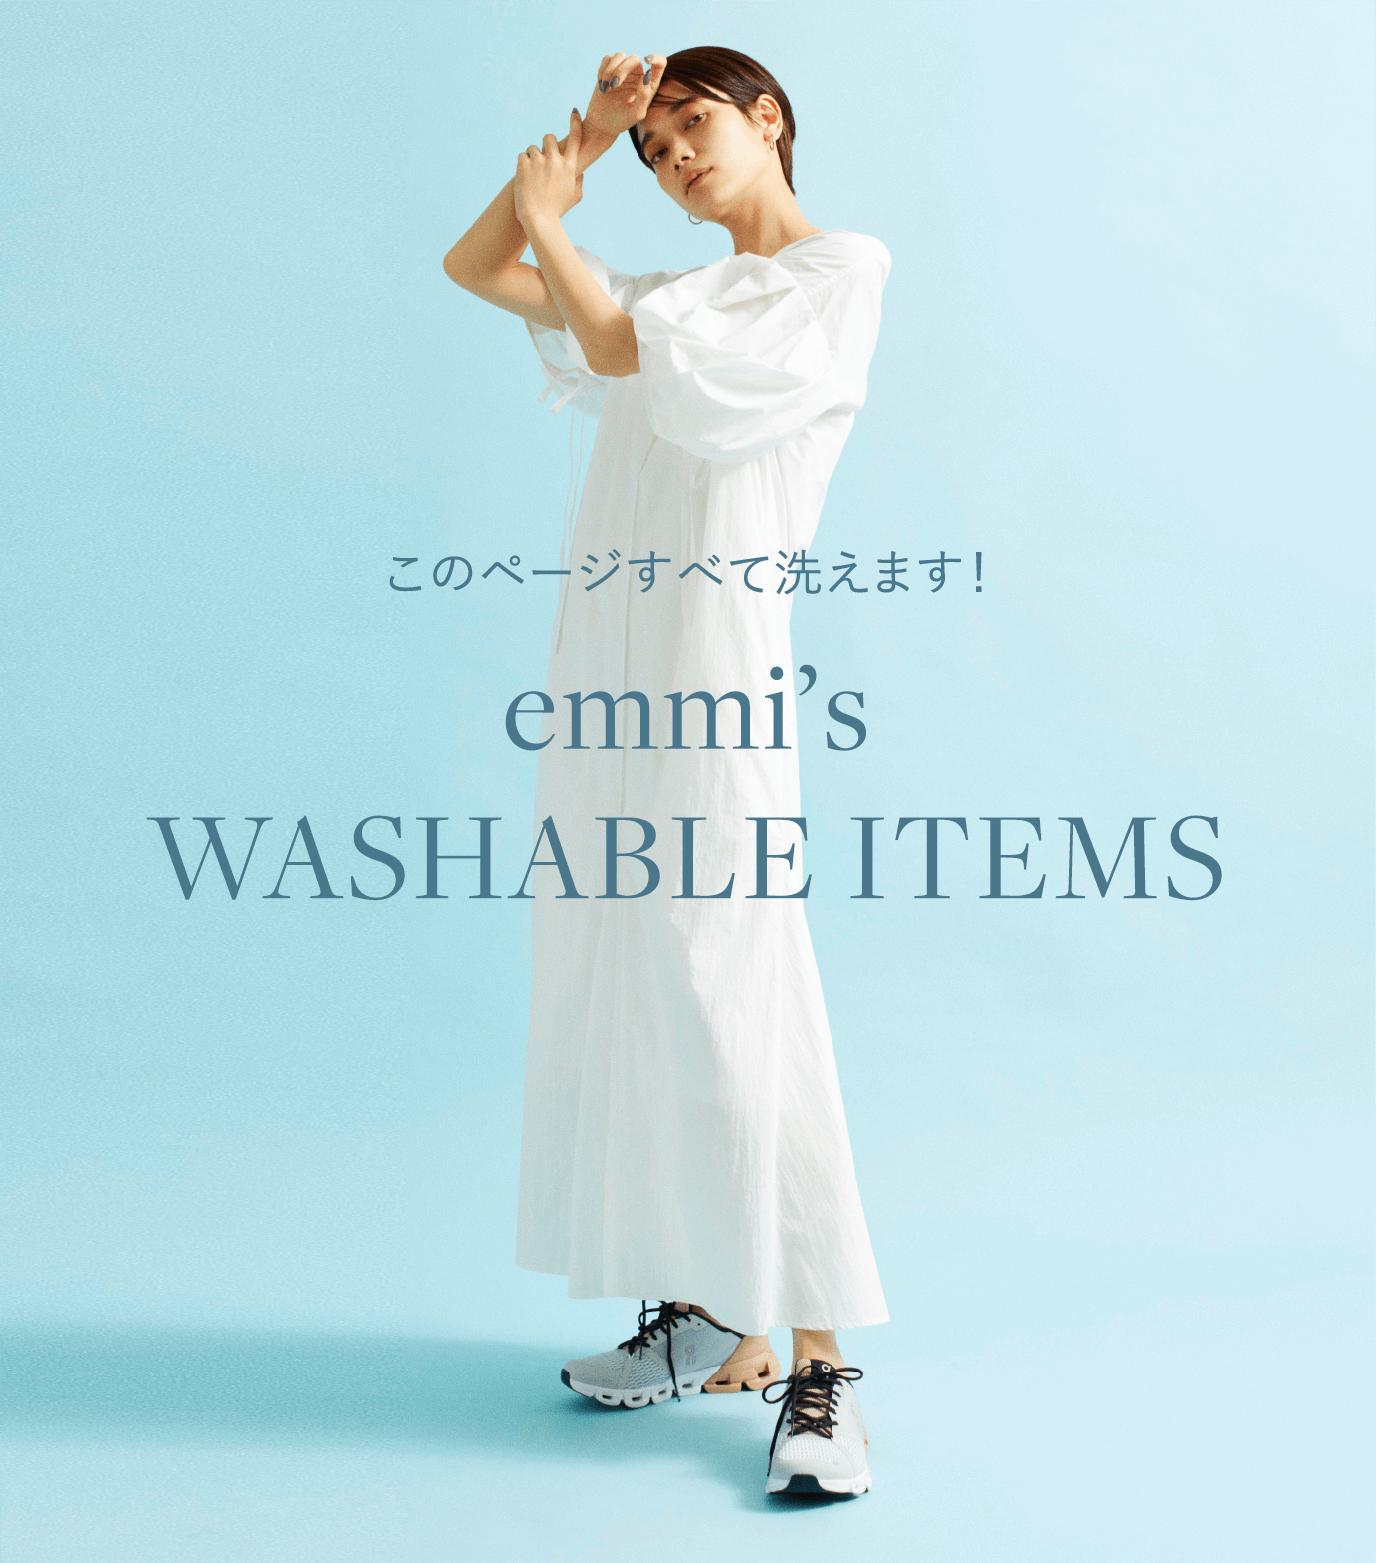 このページすべて洗えます! emmi's WASHABLE ITEMS